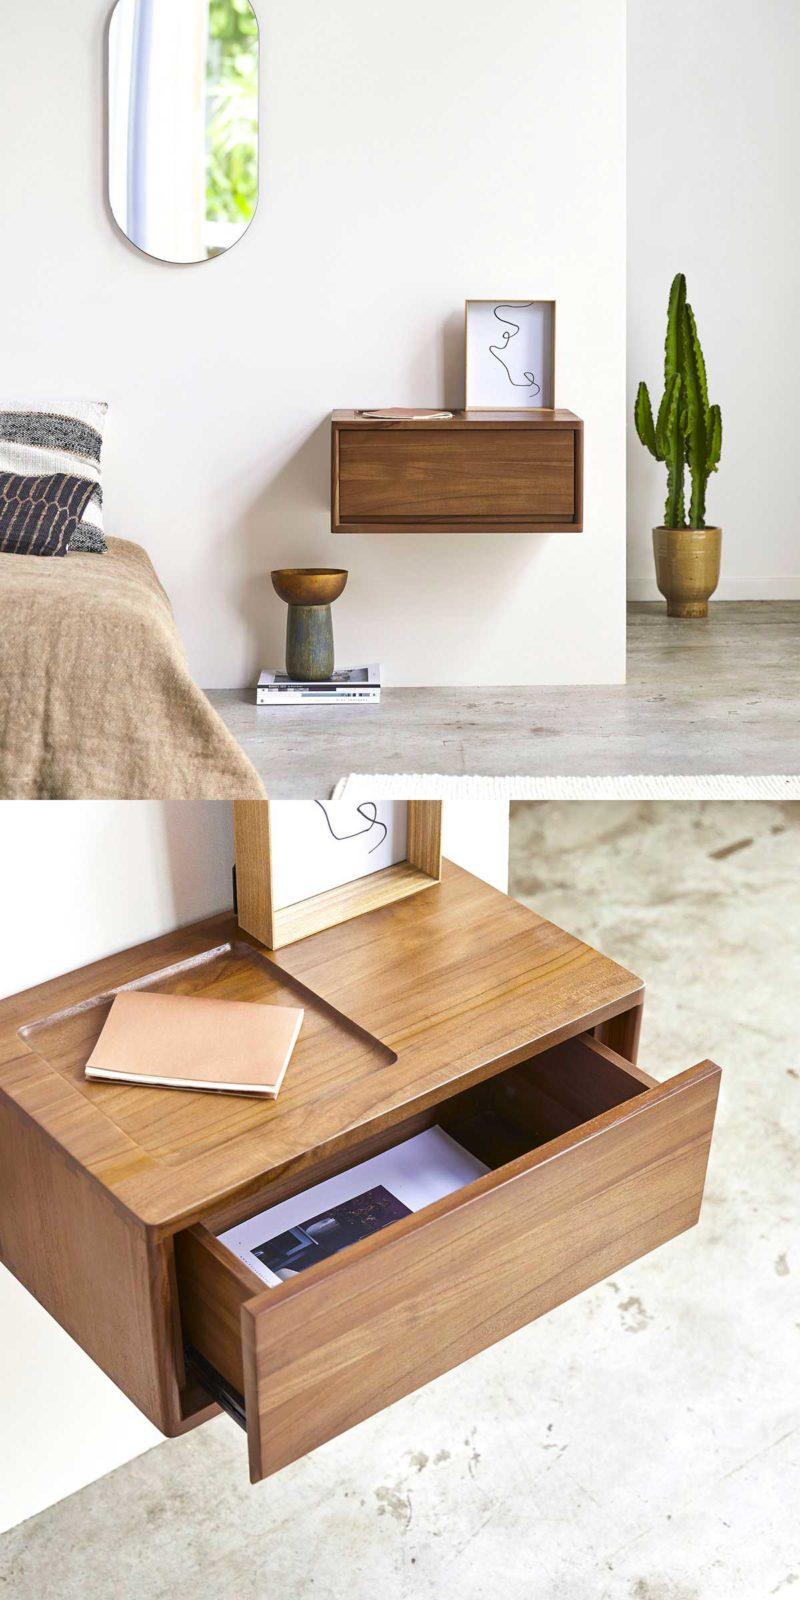 Table de chevet suspendue avec tiroir